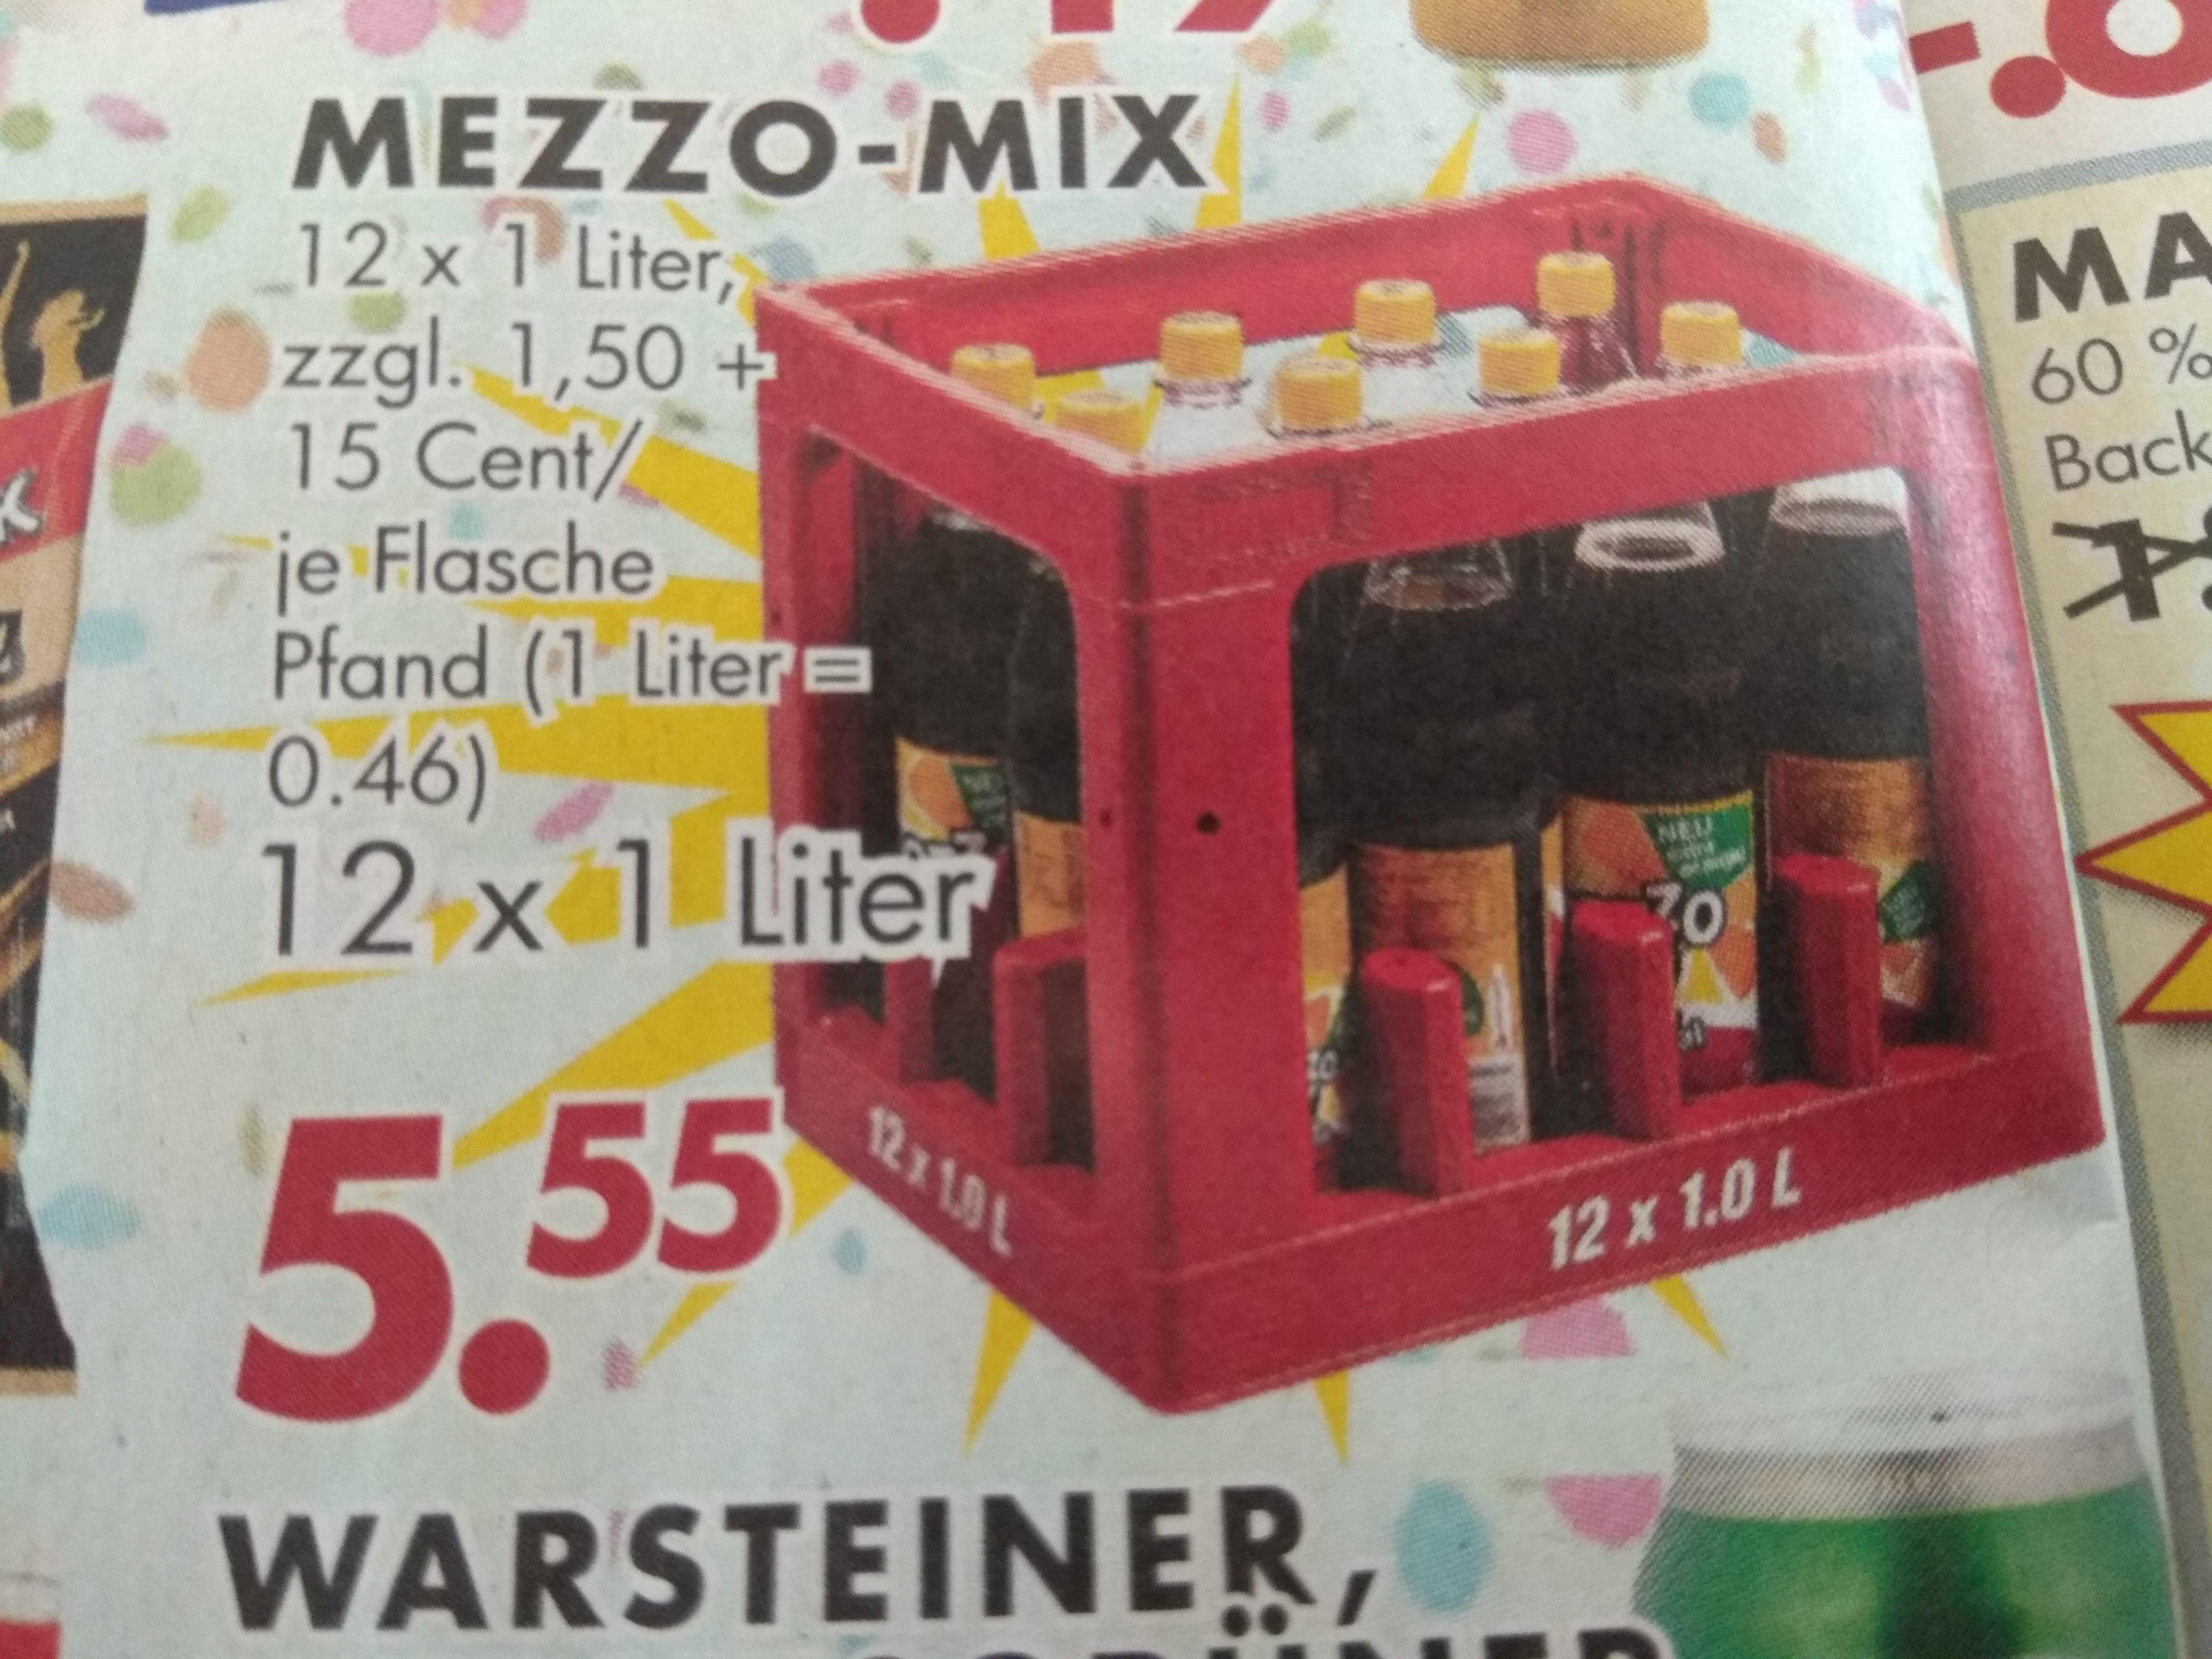 [Jawoll] Kiste Mezzo-Mix (12x1l) für 5,55€ (1l =0,46€)